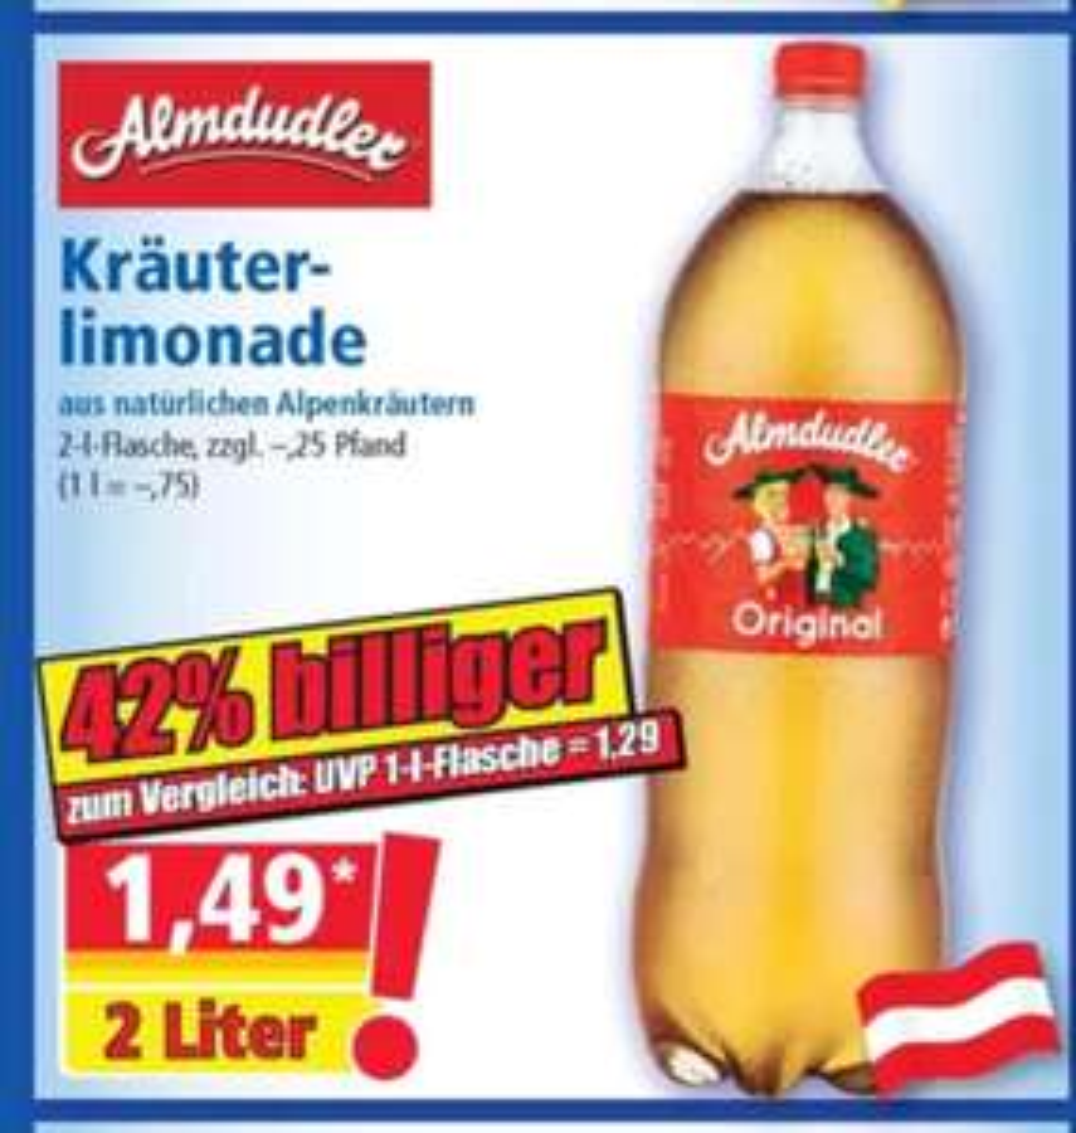 Almdudler Kräuterlimonade 2l für 1,49 bei [Norma ab 18.06]